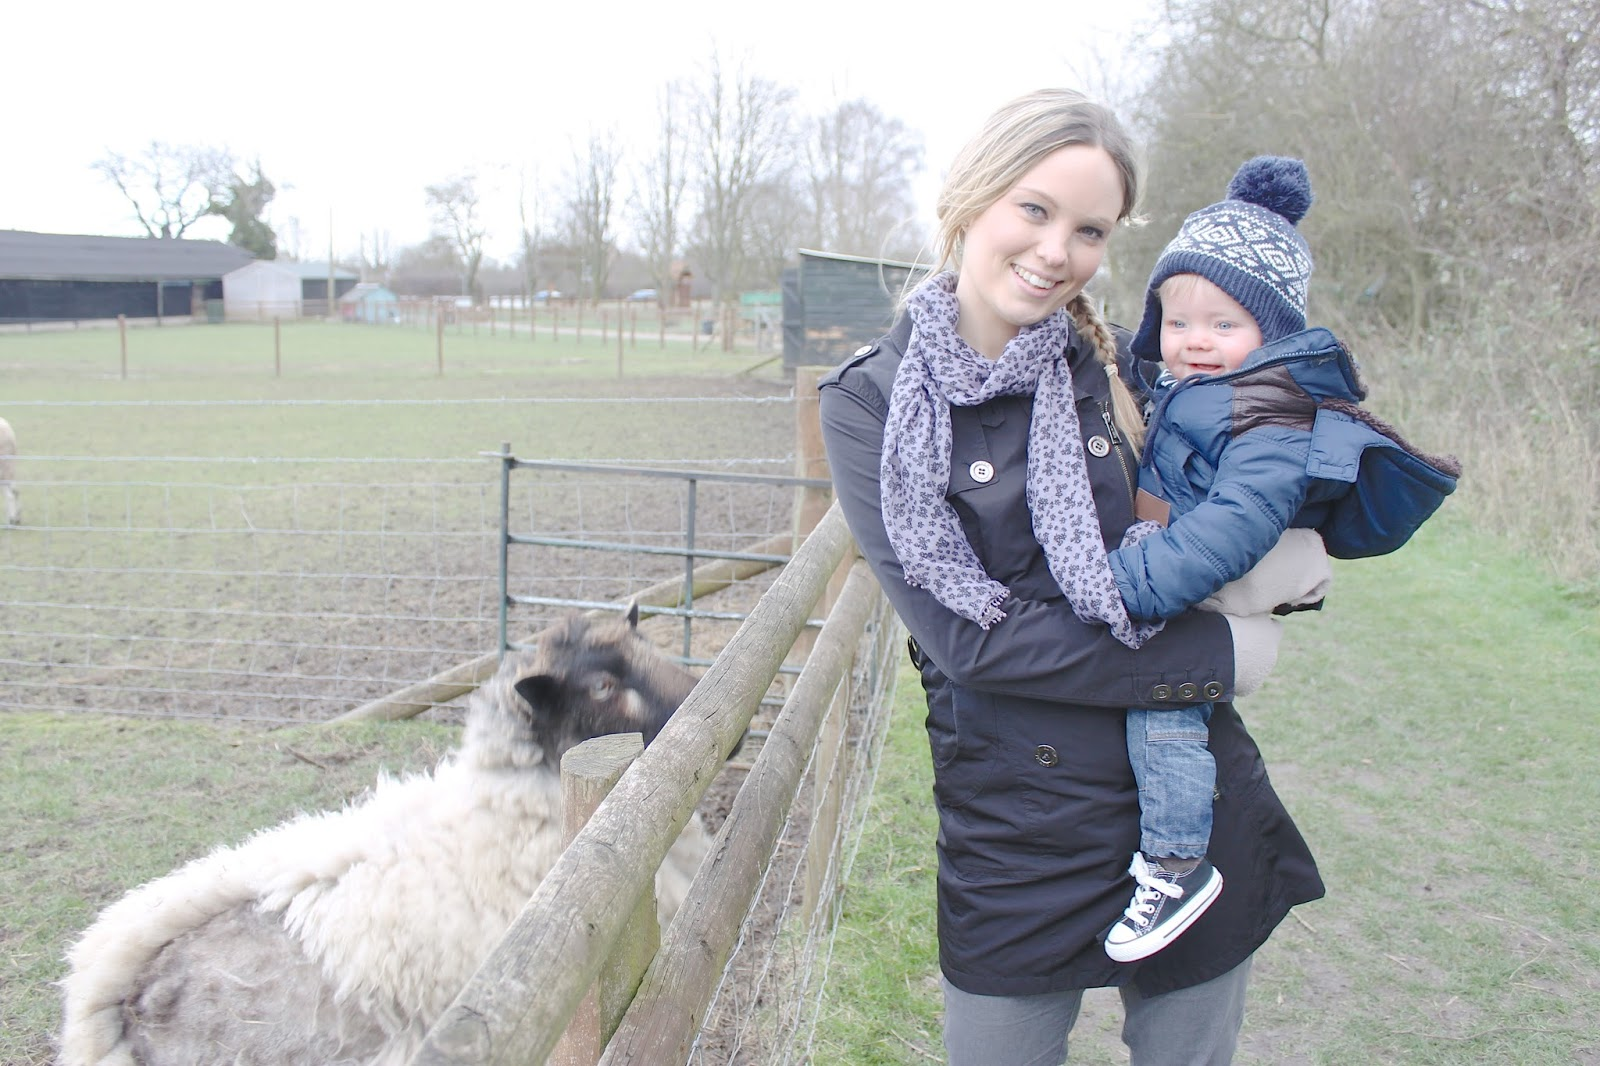 bucks goat centre, farm, farm for babies